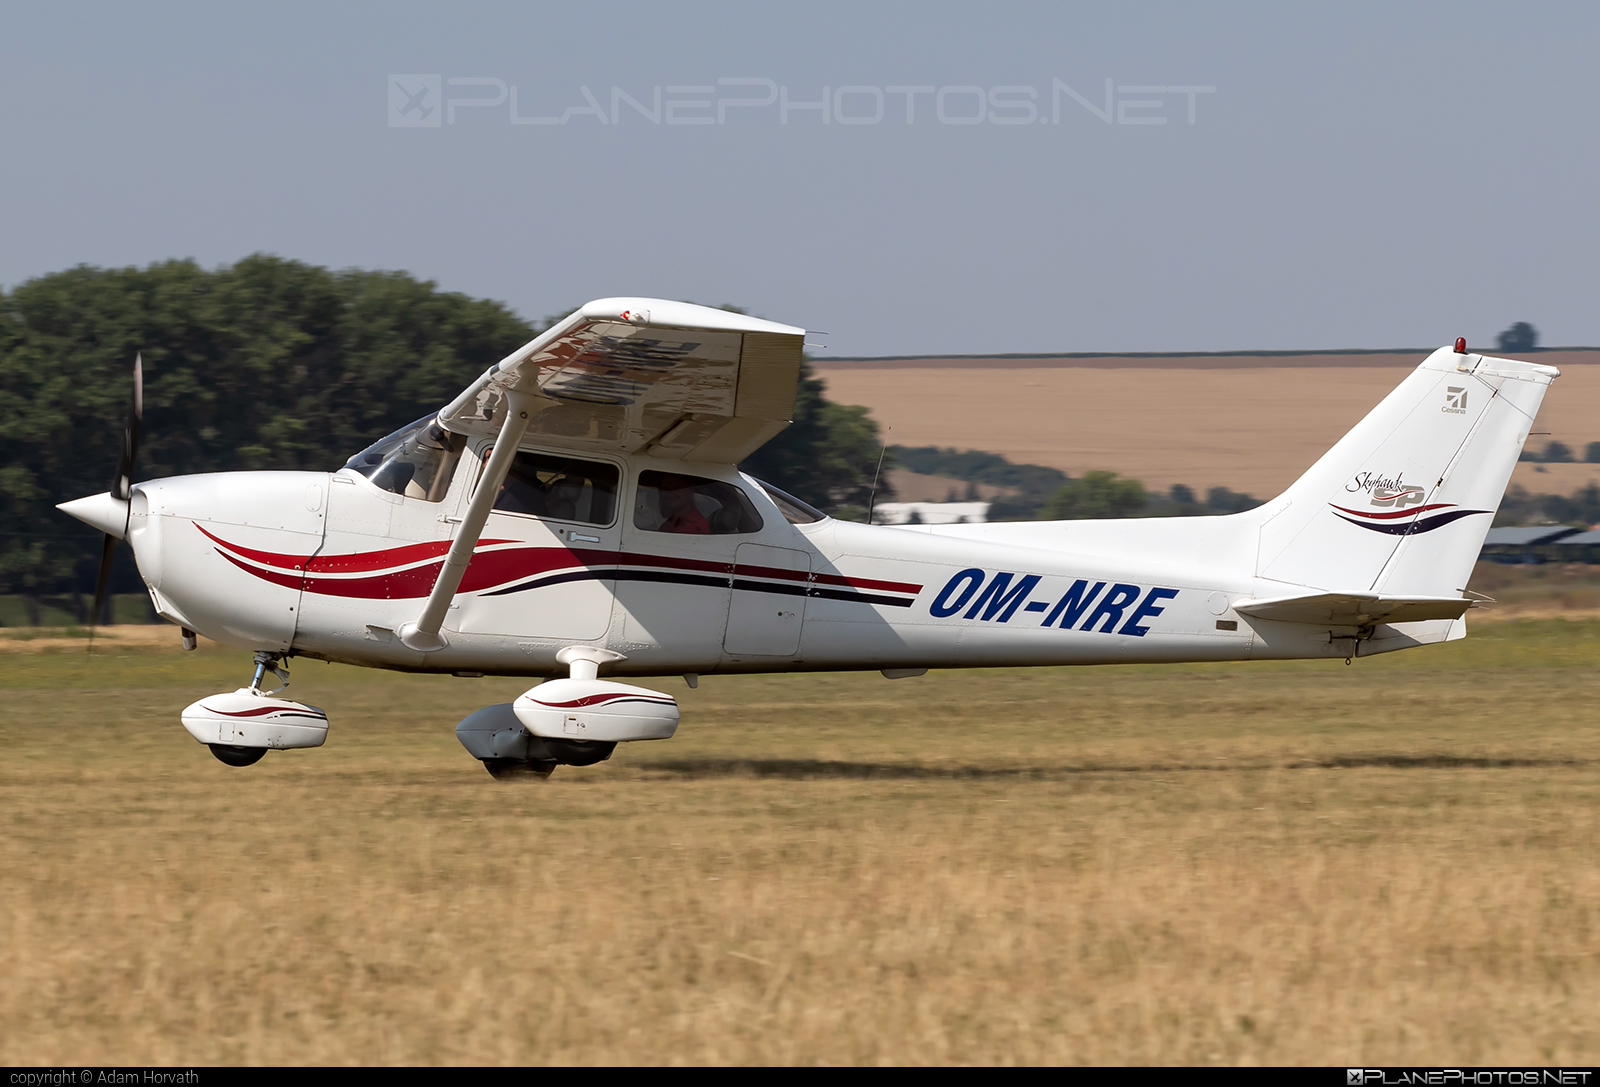 Cessna 172S Skyhawk SP - OM-NRE operated by AERO SLOVAKIA #aeroslovakia #cessna #cessna172 #cessna172s #cessna172skyhawk #cessna172sskyhawk #cessnaskyhawk #cessnaskyhawksp #skyhawksp